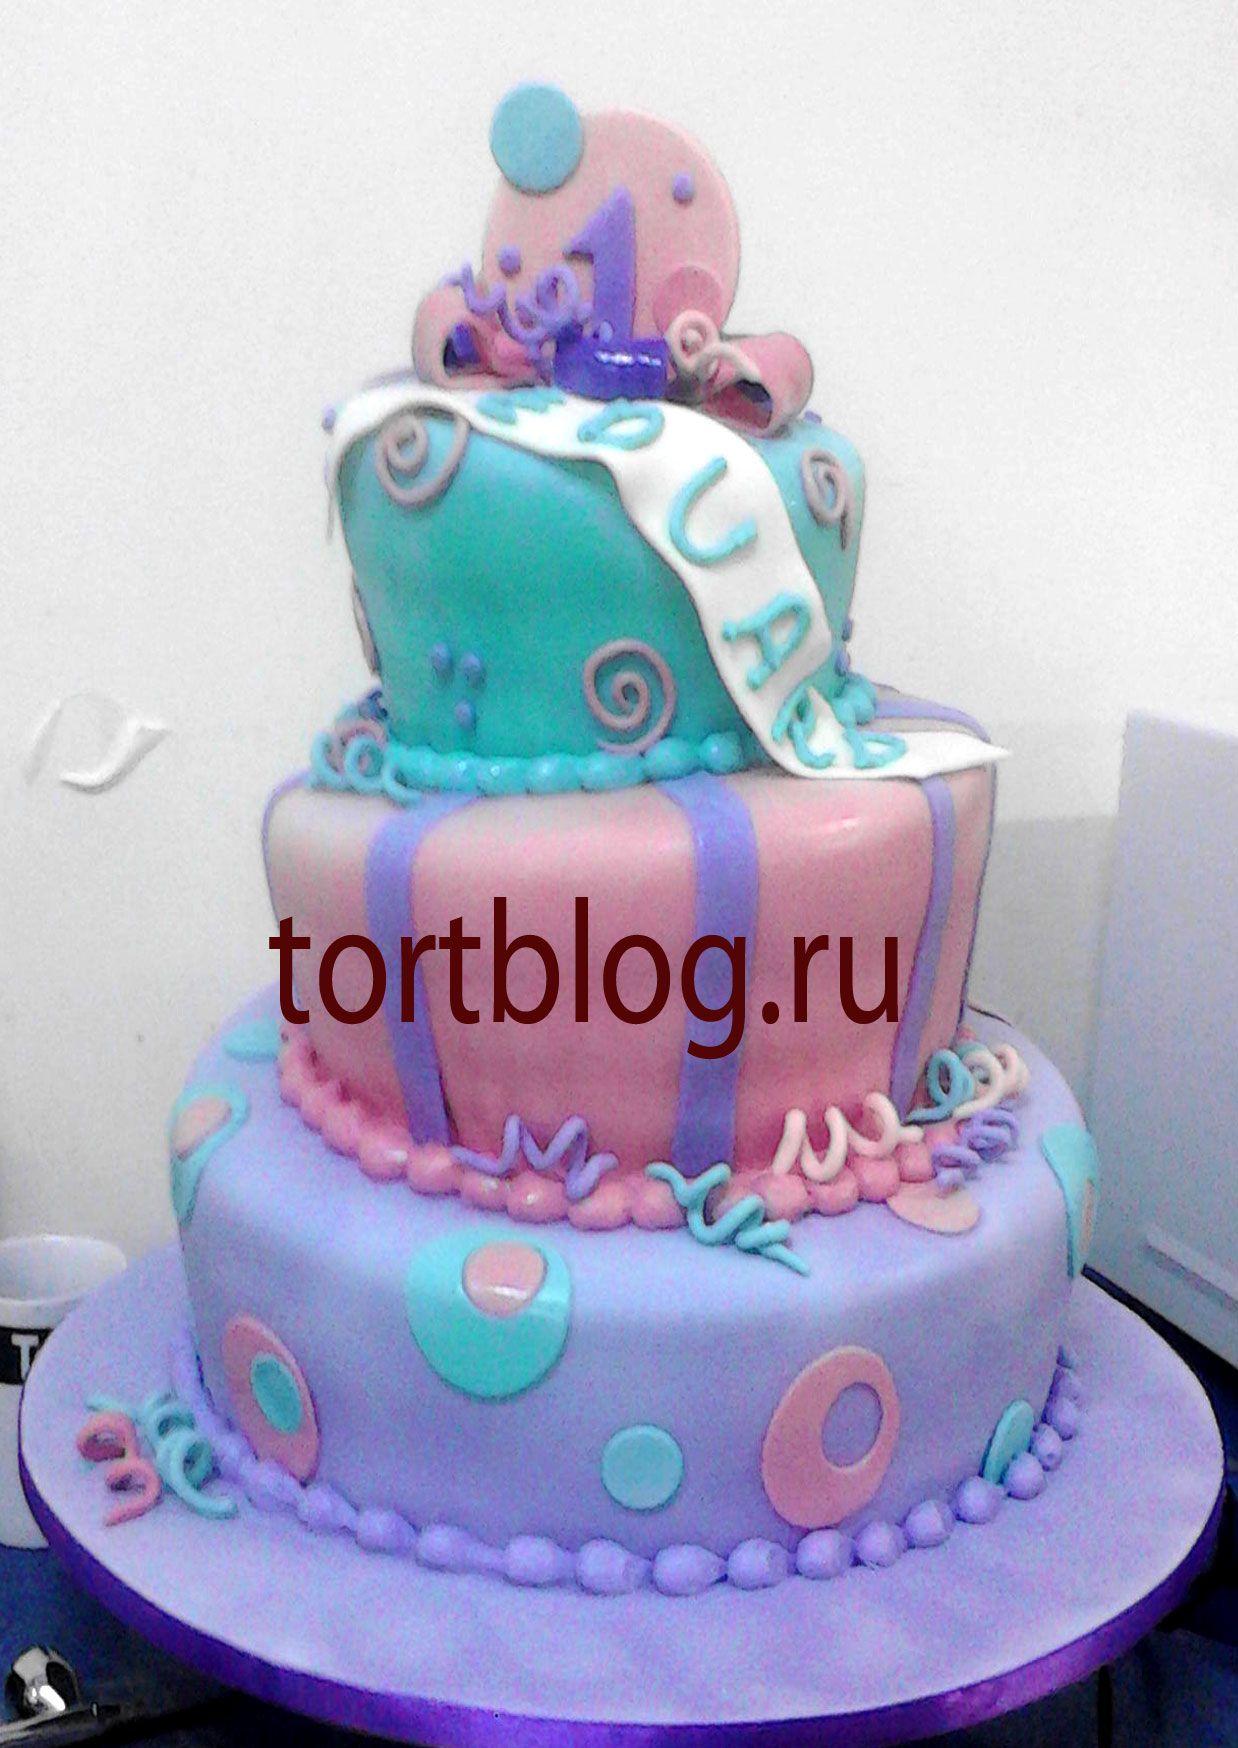 Детские торты фото тюмень | Детский торт, Красивые торты, Торт